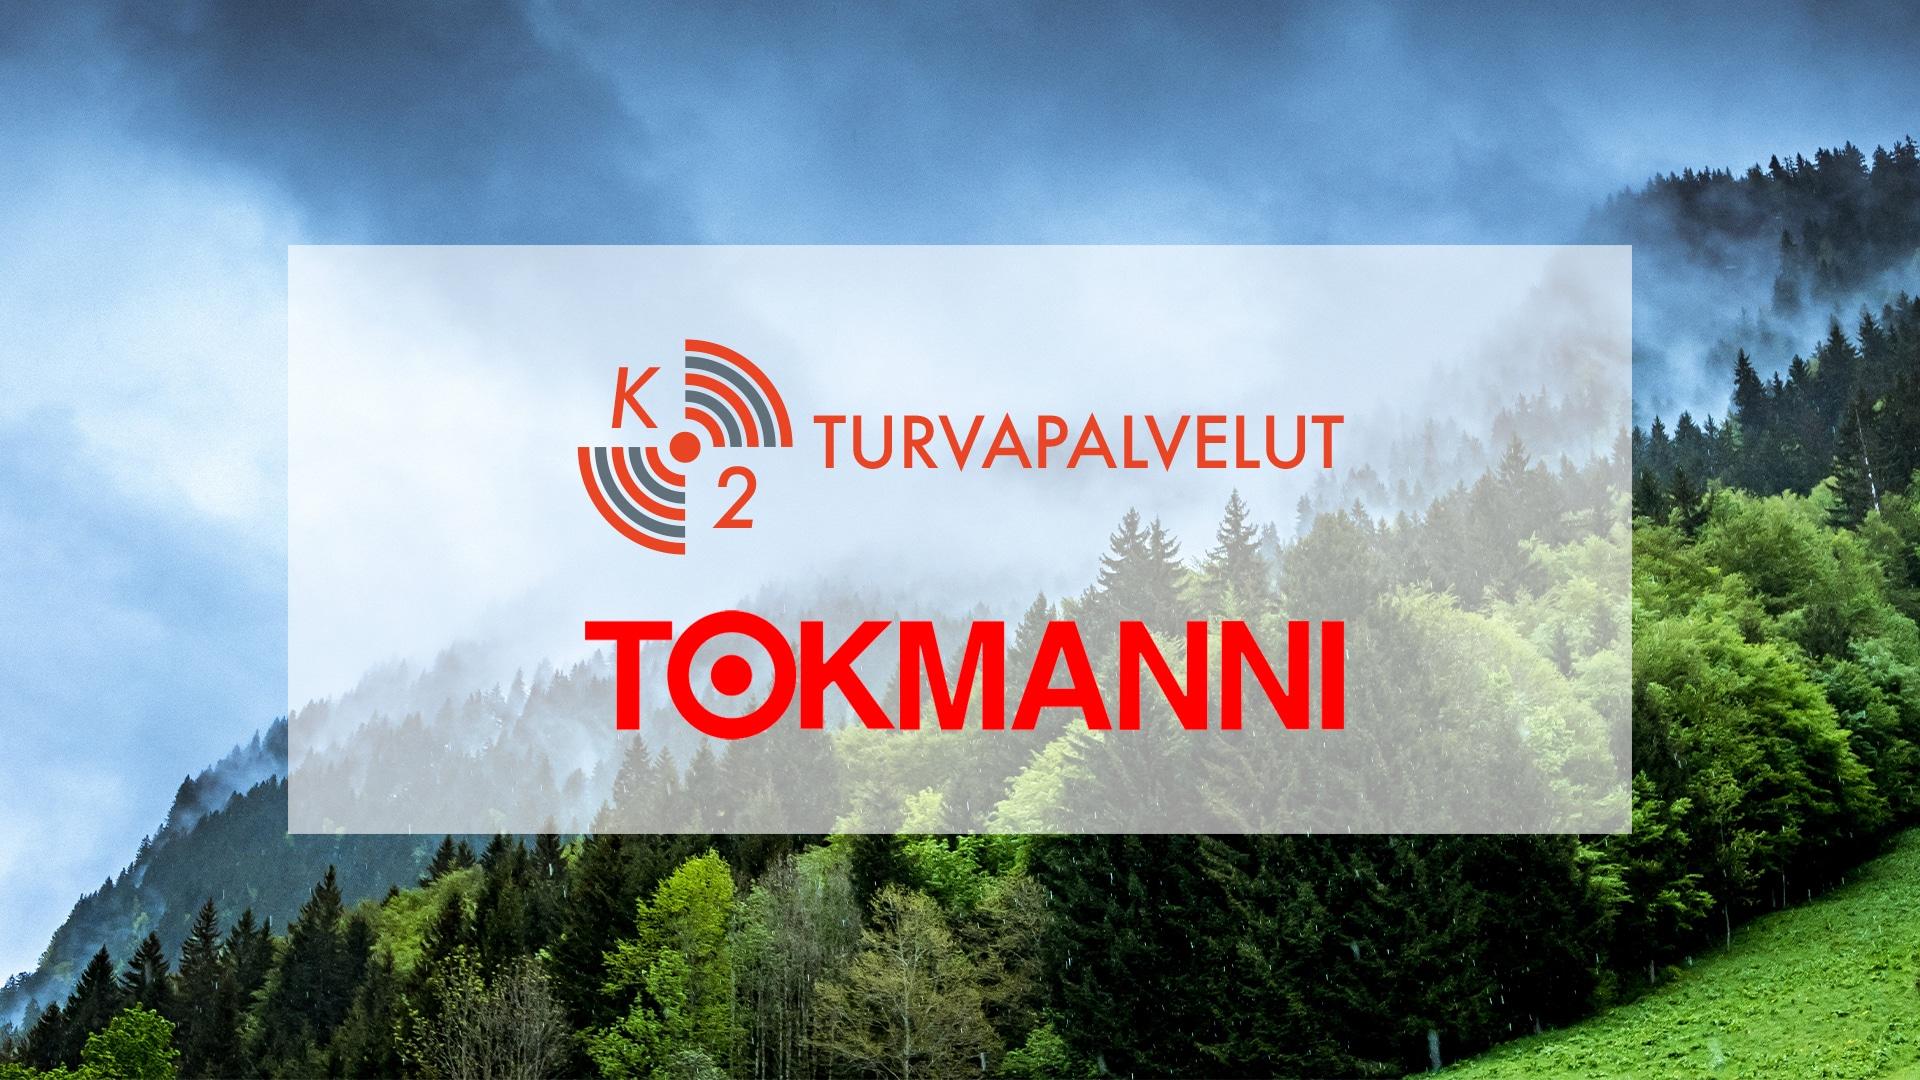 Tokmanni sijoittui menestyksekkäästi Financial Timesin Europe's Climate Leaders 2021 -listalla — yhteistyö K2 Turvapalveluiden kanssa tukee Tokmannin ilmastotyötä